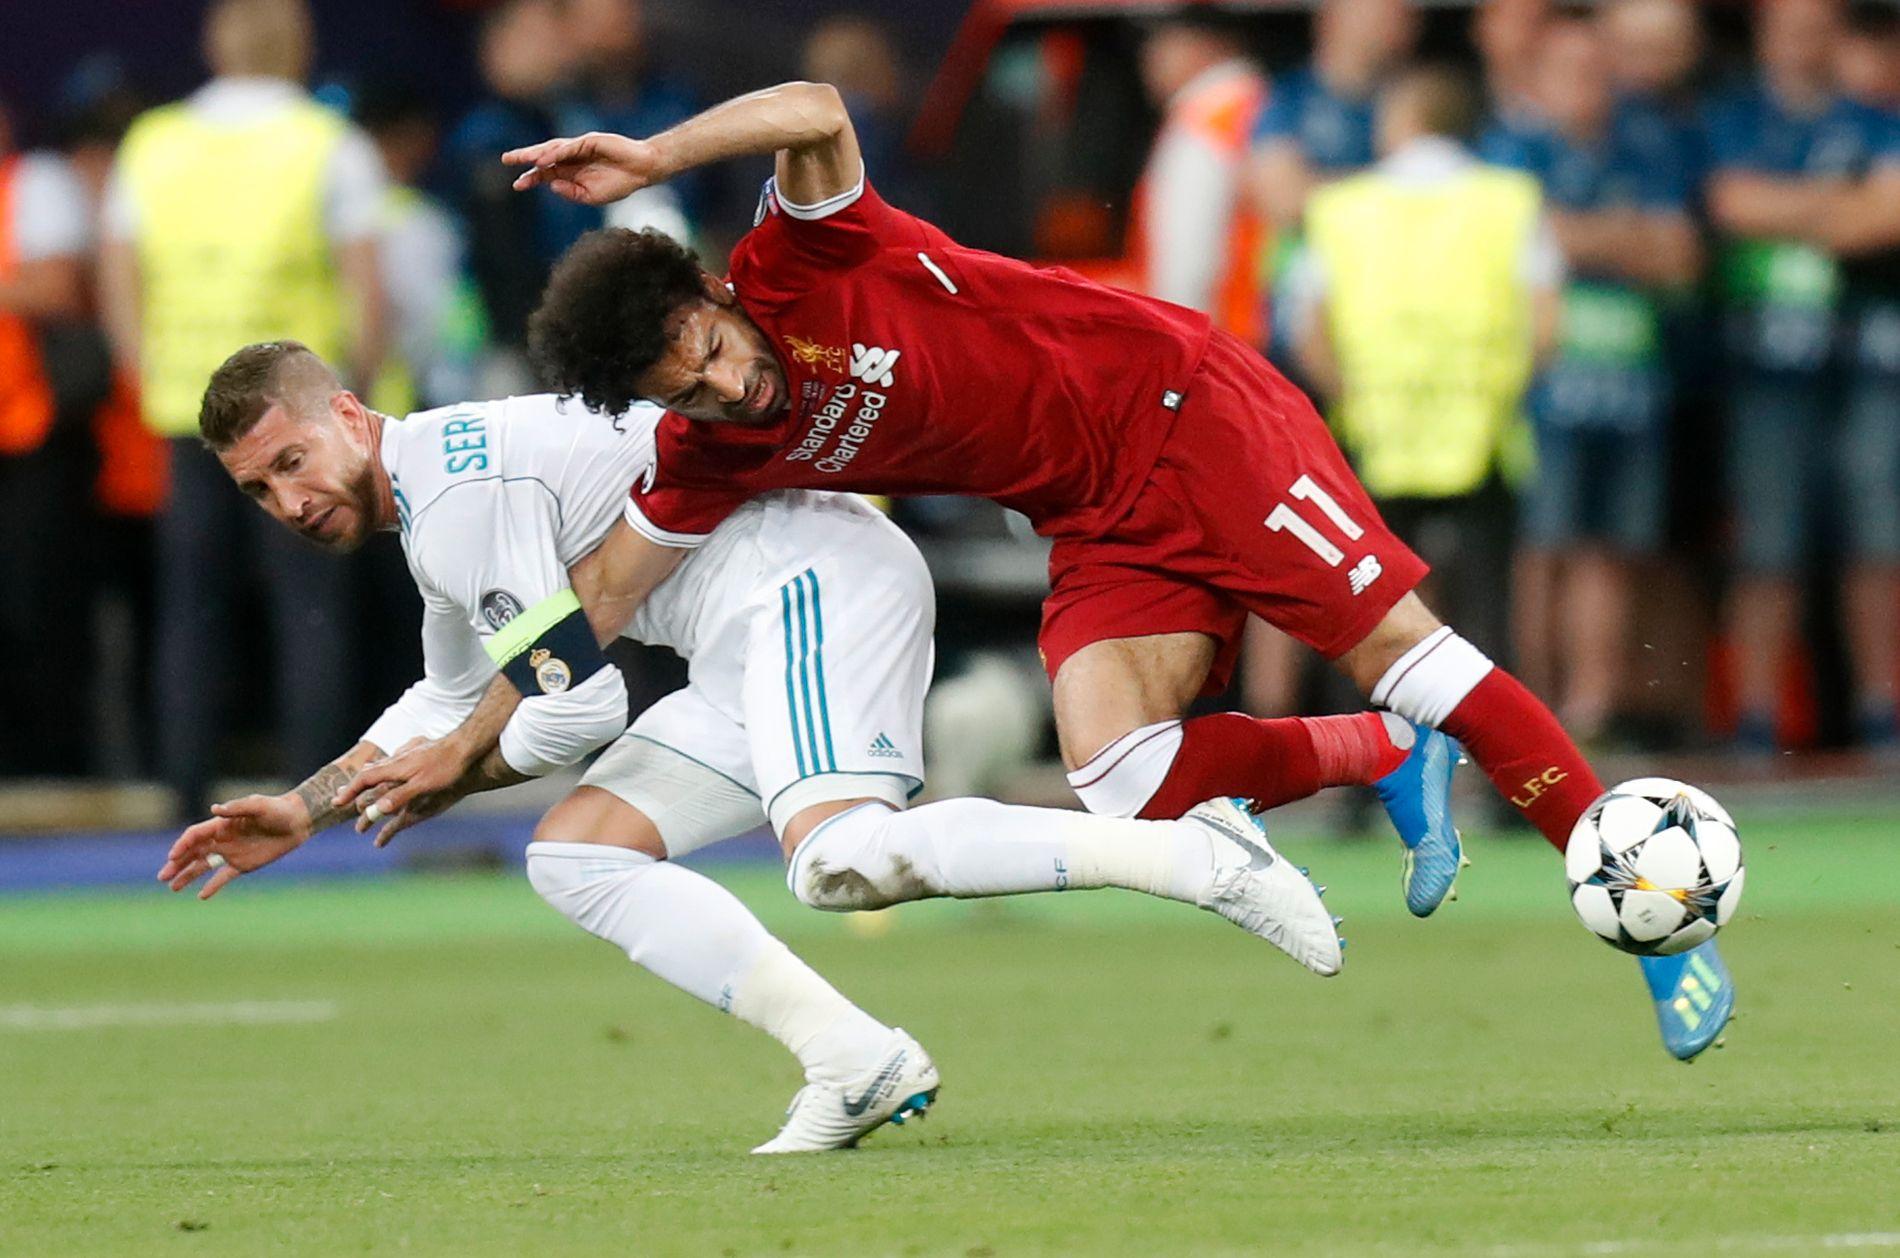 BEVISST? Liverpools beste spiller, Mohamed Salah, rives ned av Sergio Ramos og blir skadet i denne situasjonen.